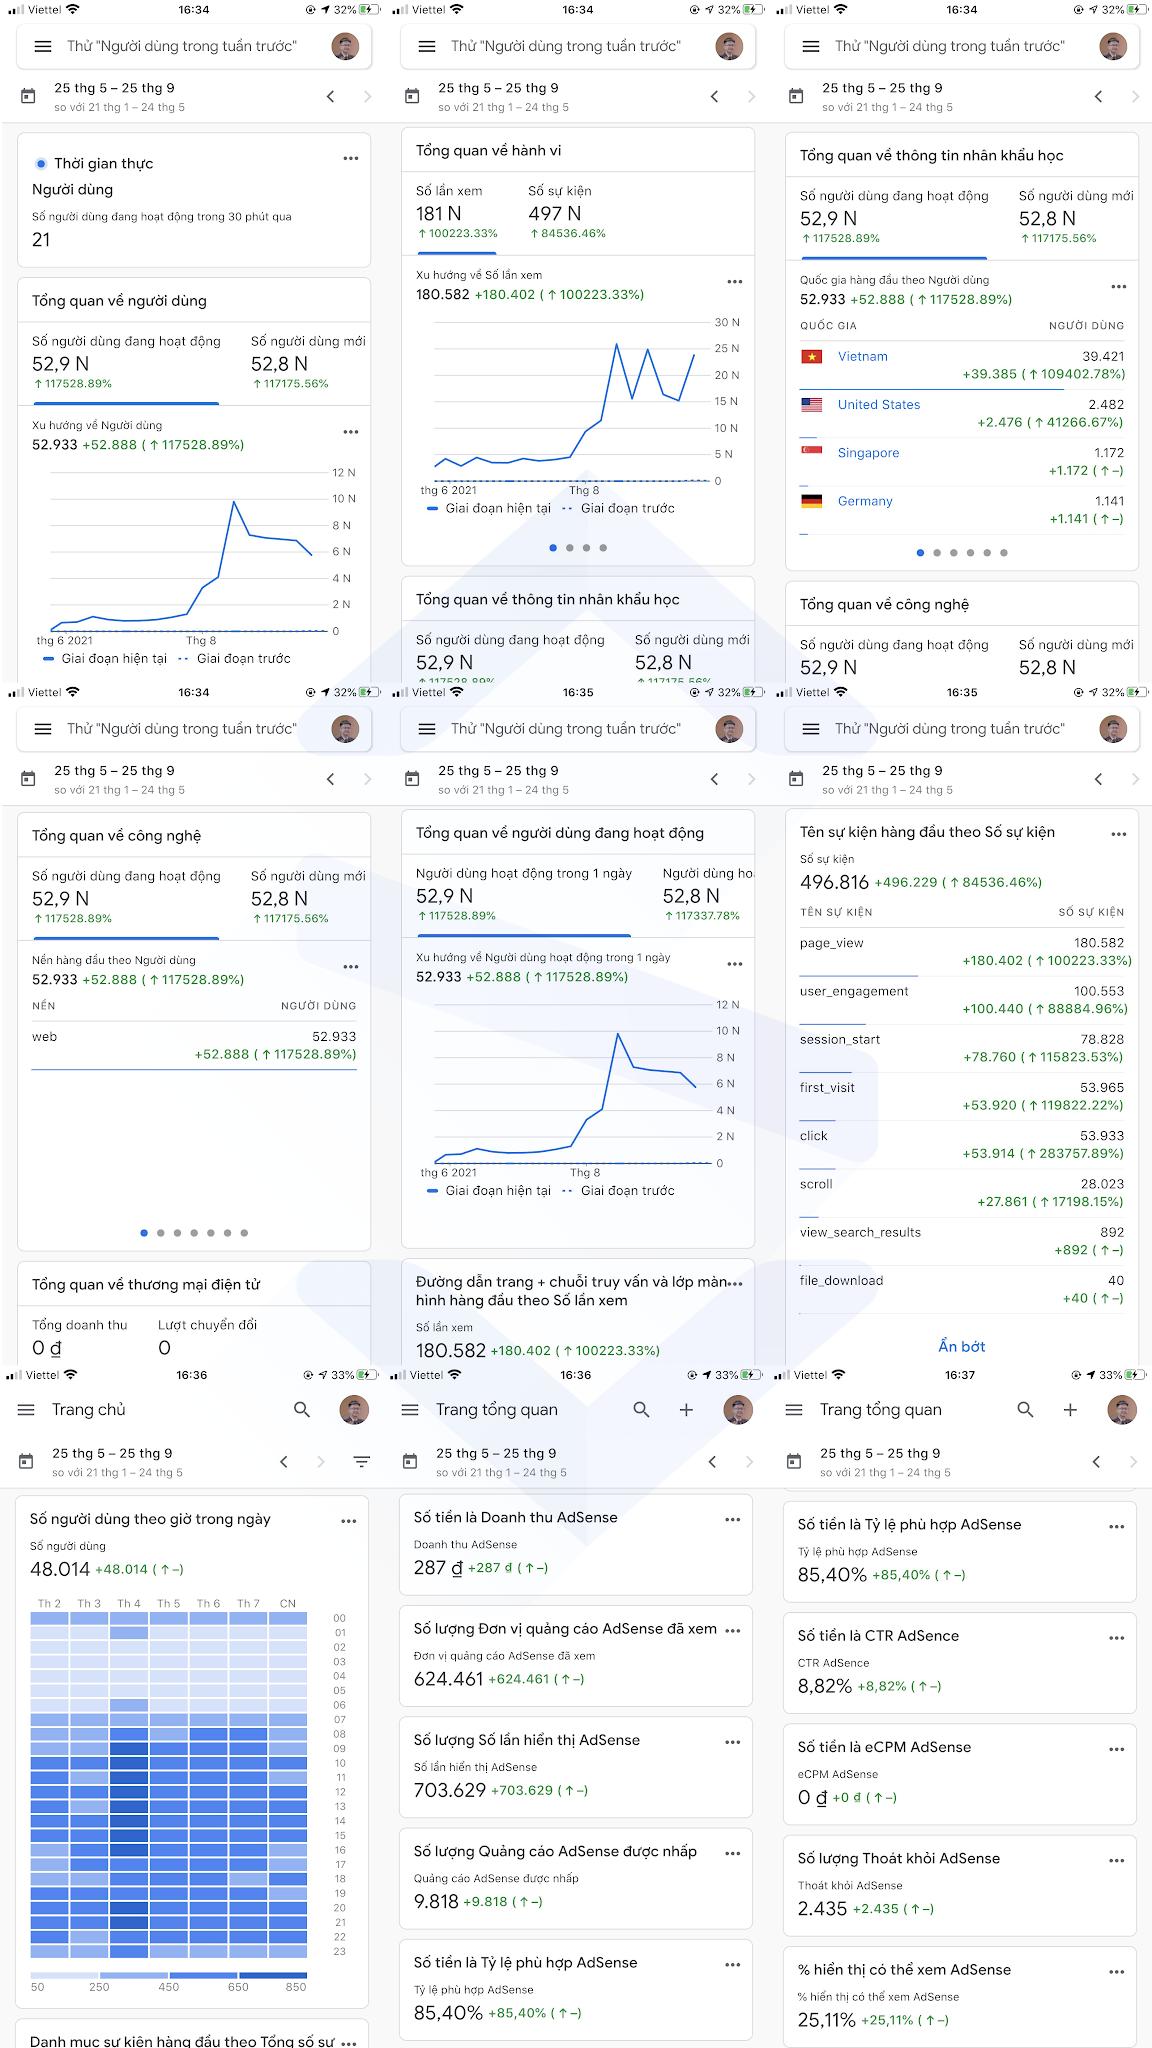 Code Pro và những con số phần 4 google analytics